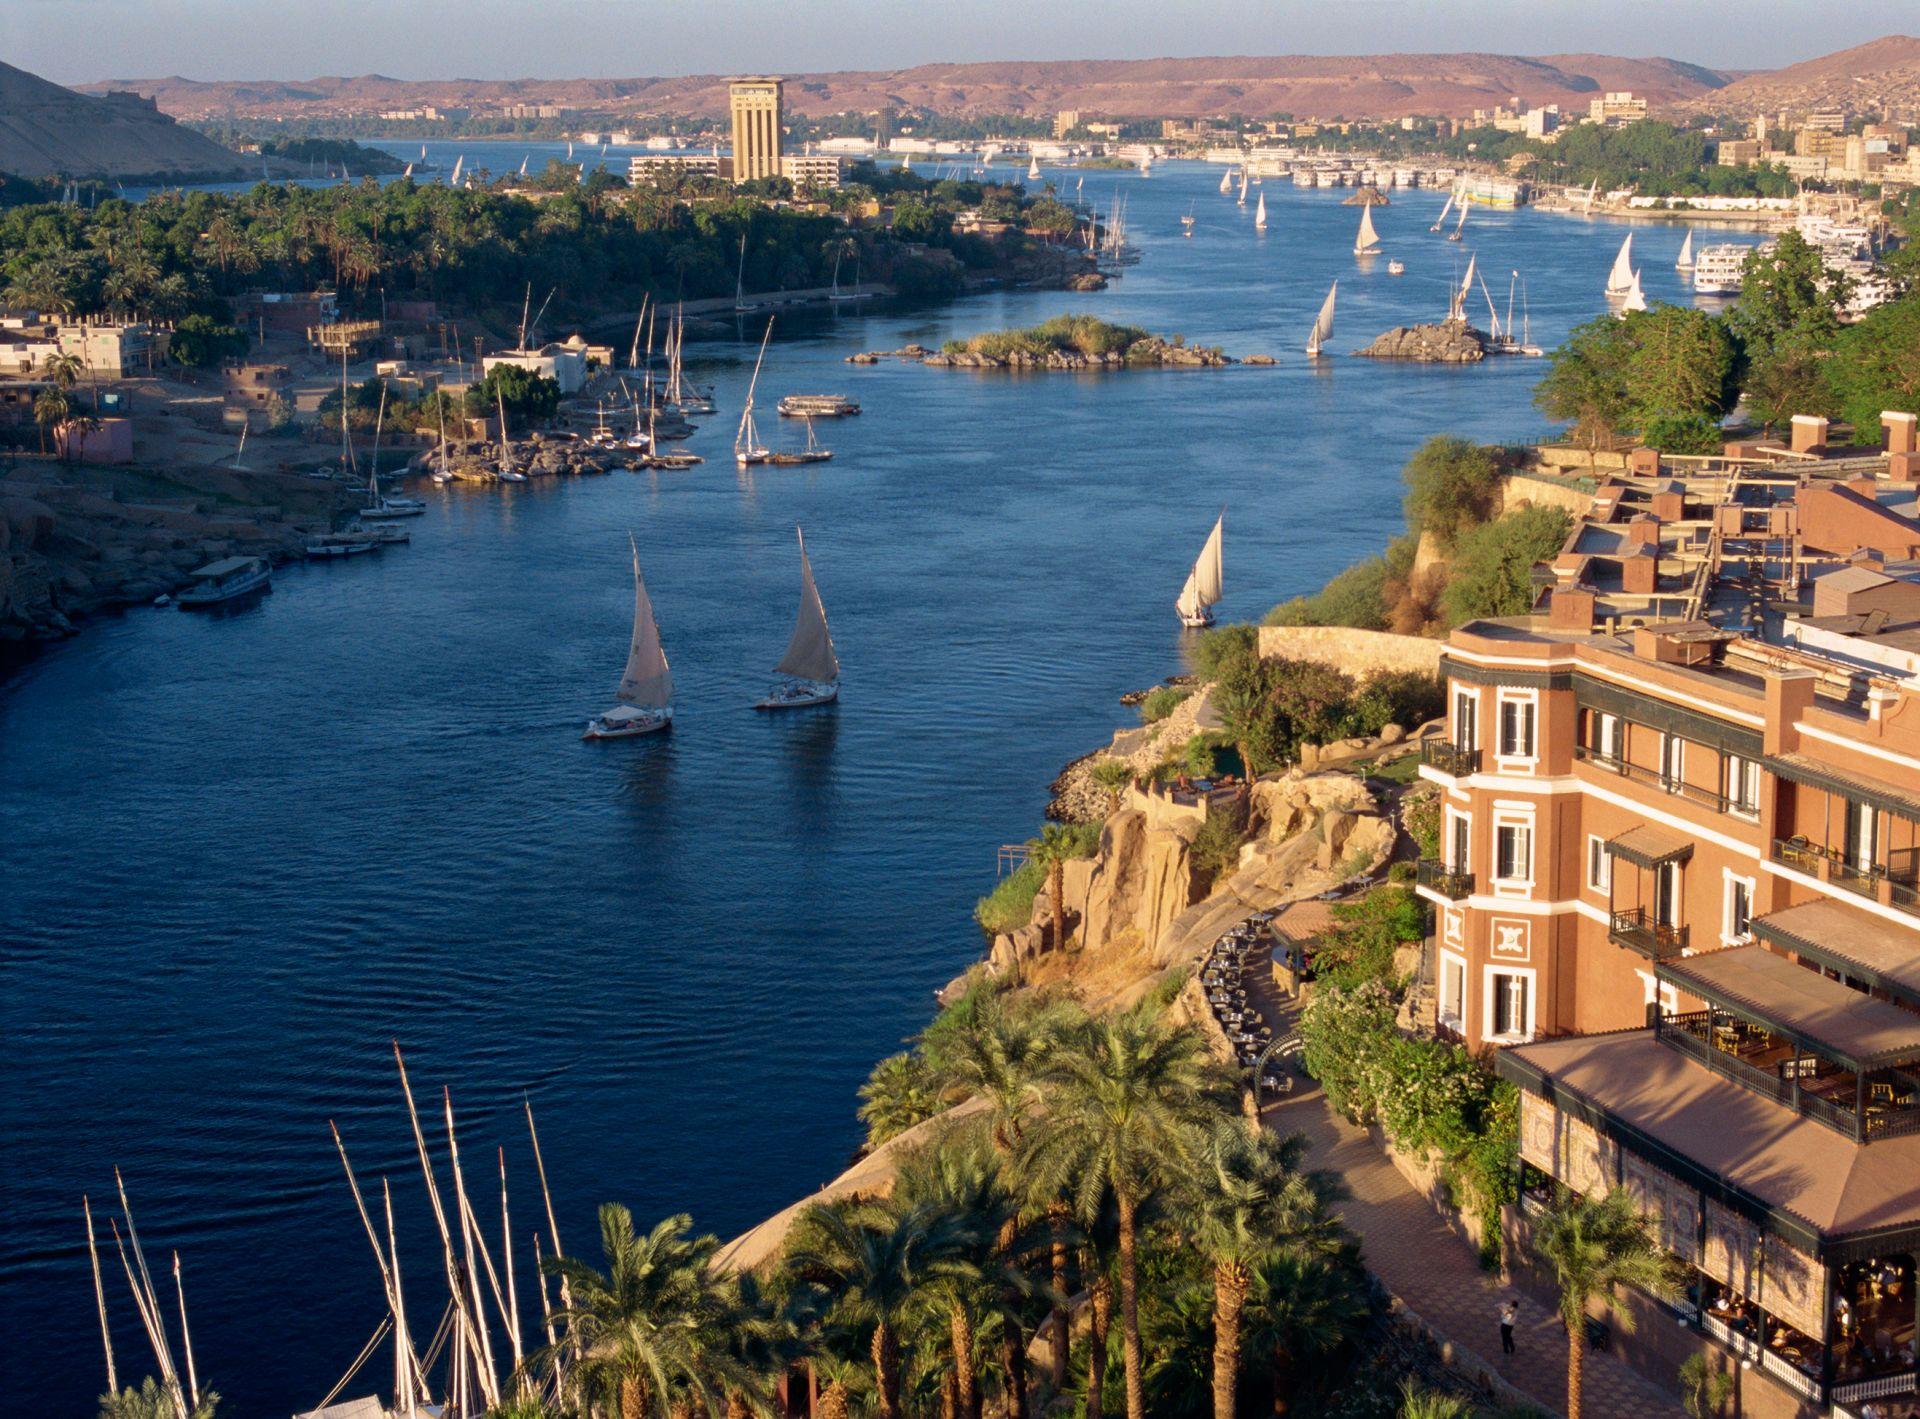 بالصور تعبير عن نهر النيل , اجمل العبارات عن اطول انهار العالم 2135 3